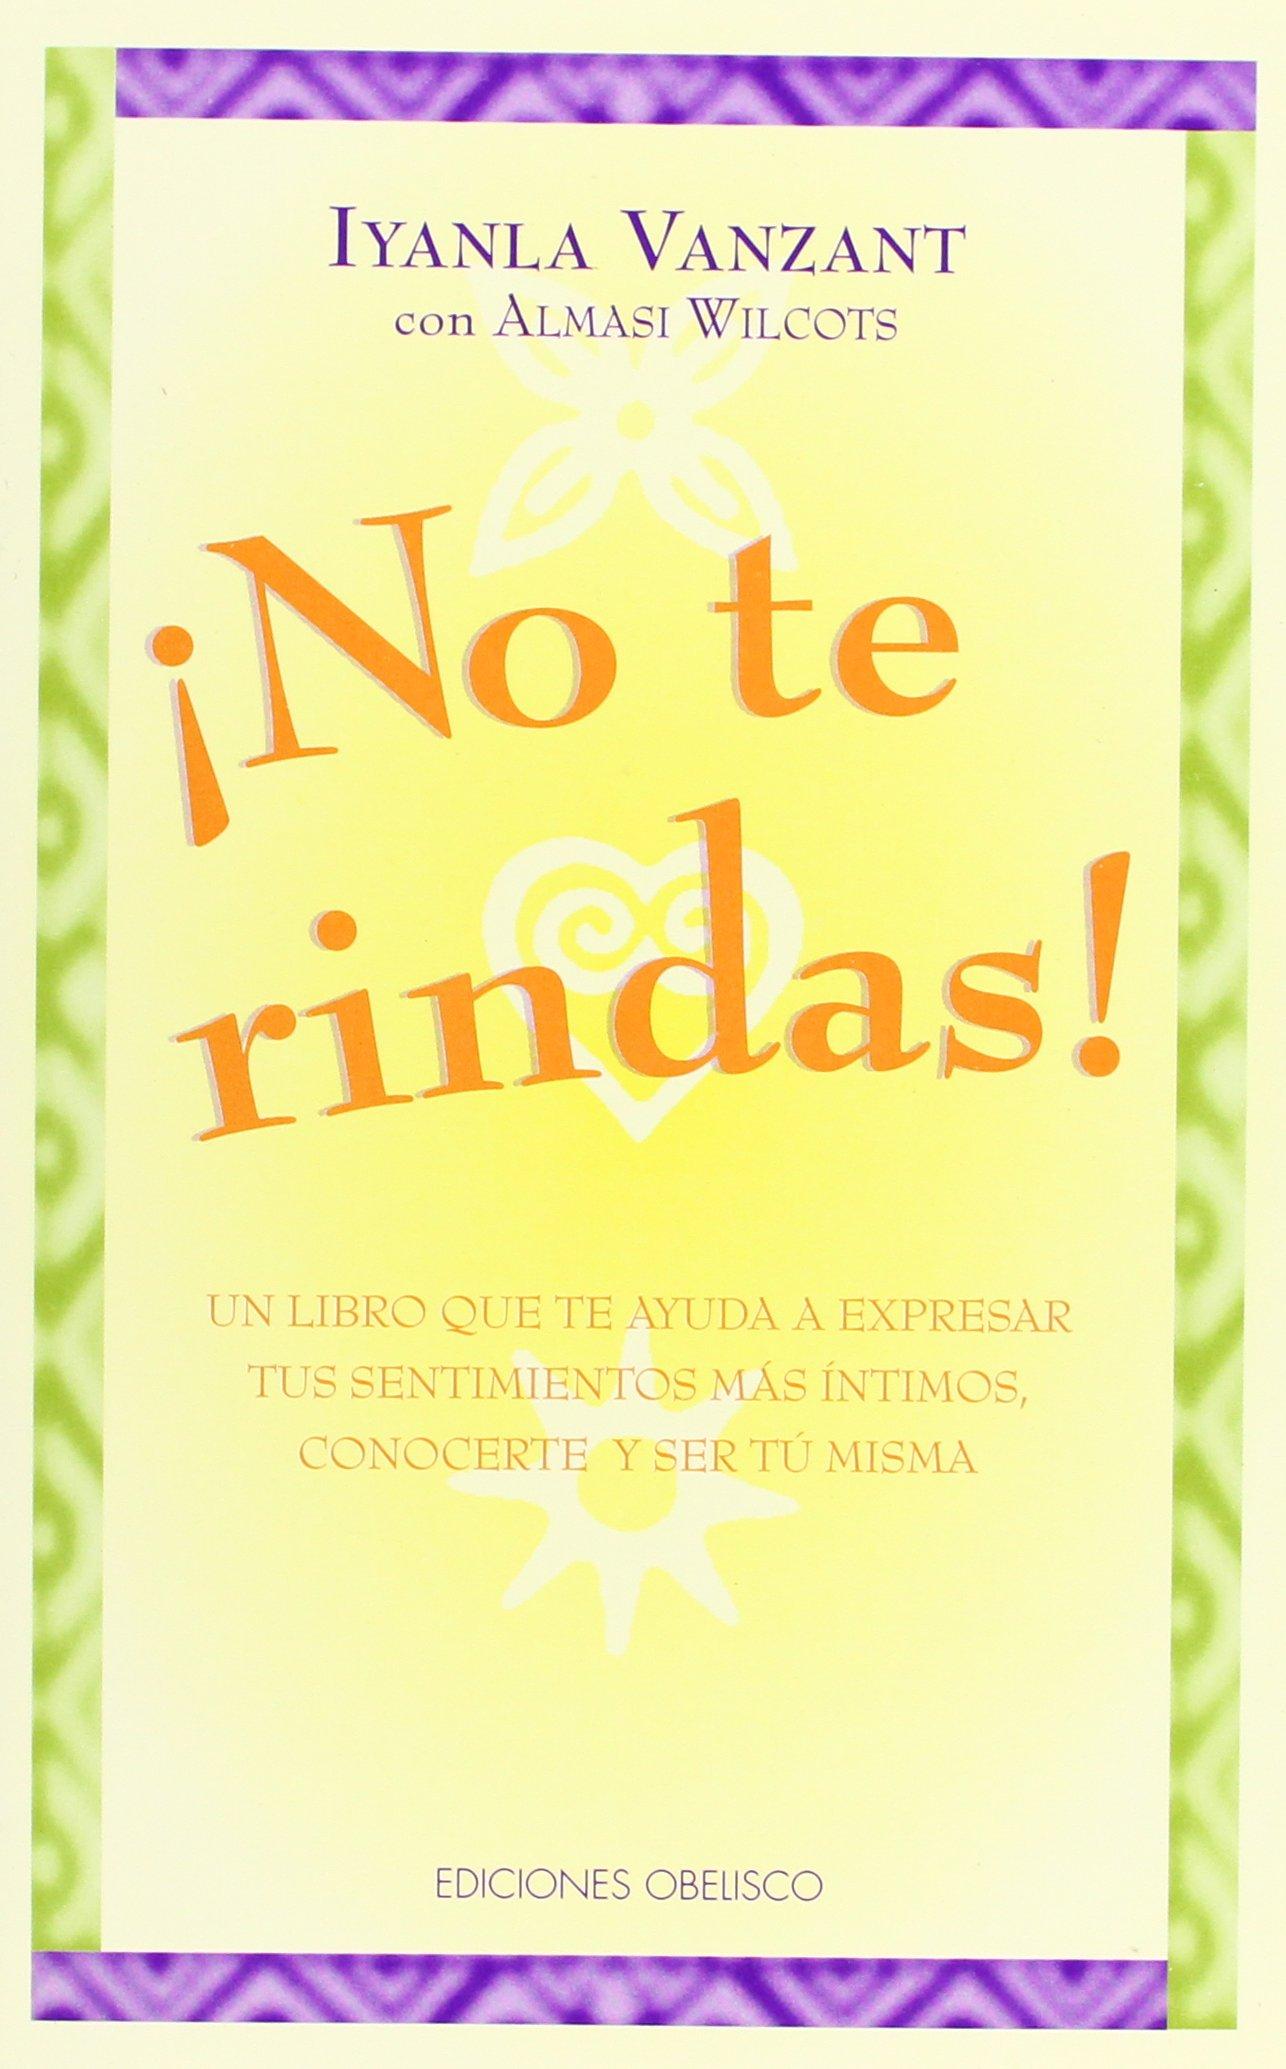 Download No Te Rindas!: Un Libro de Trabajo Sobre la Autoconcienciacion y la Autoafirmacion / Don't Give It Away! (Coleccion Libros Singulares) (Spanish Edition) PDF